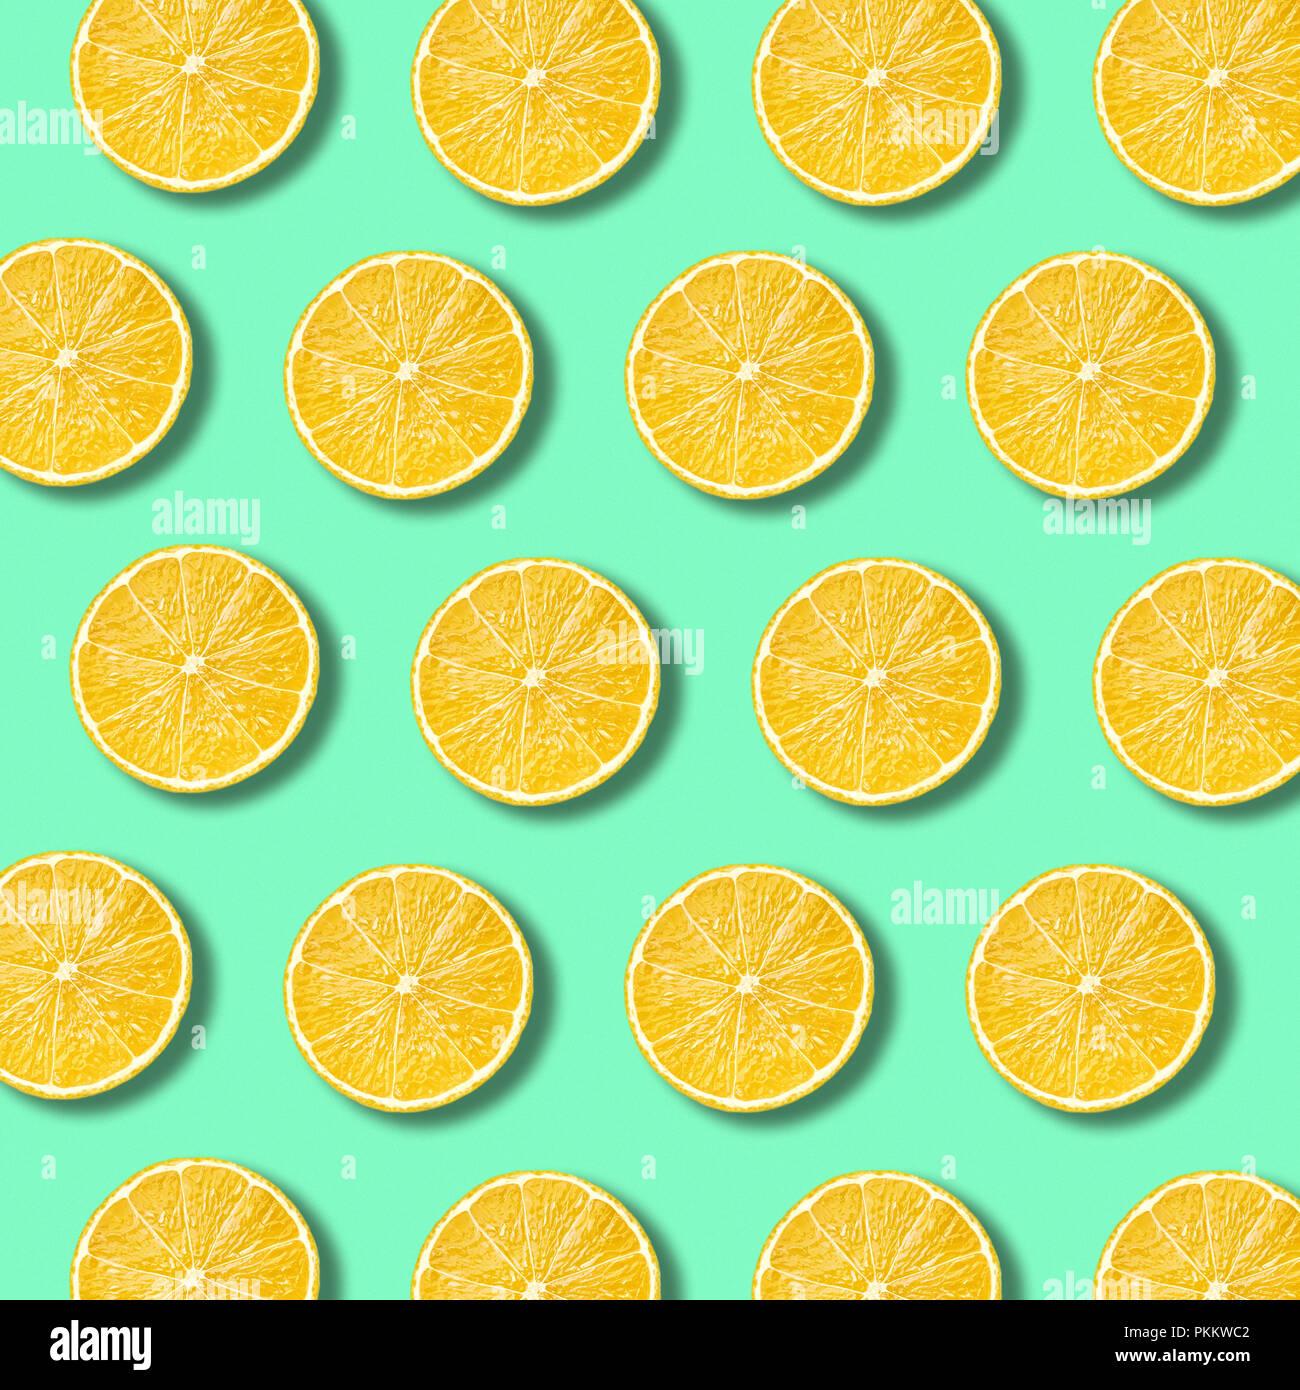 Rodajas de limón el patrón de luz de fondo de color verde vibrante. Textura Alimentos laicos fija mínima Imagen De Stock